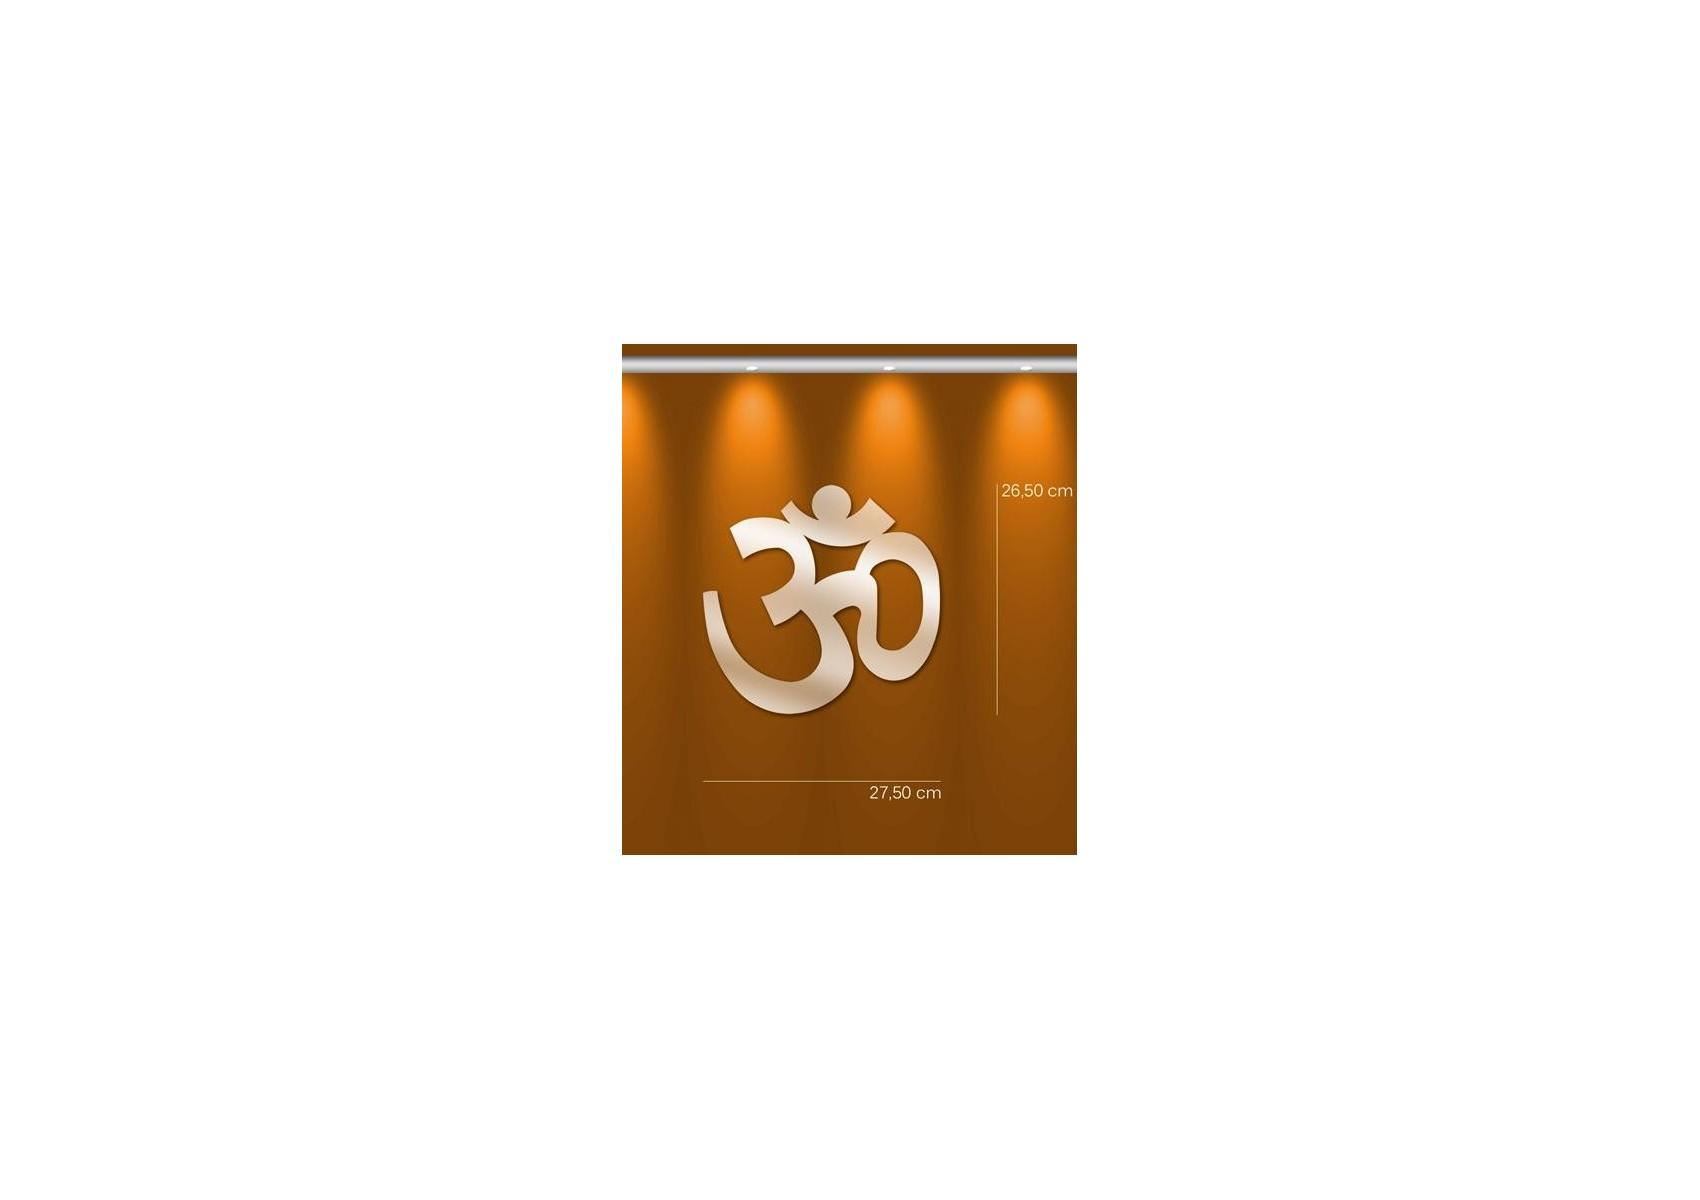 Miroir bouddhiste aum deco design en acrylique for Miroir en acrylique